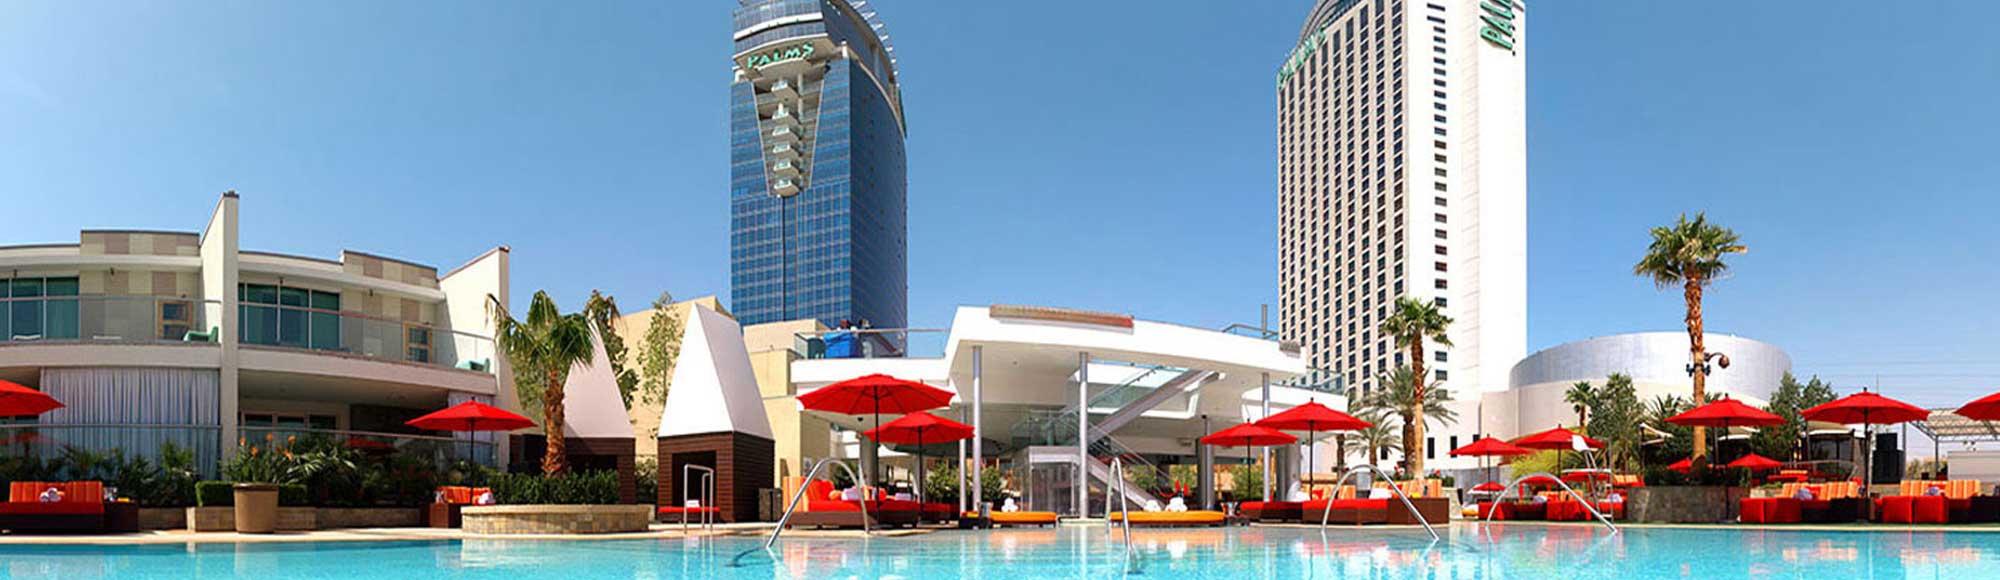 Palms Vegas Reviews